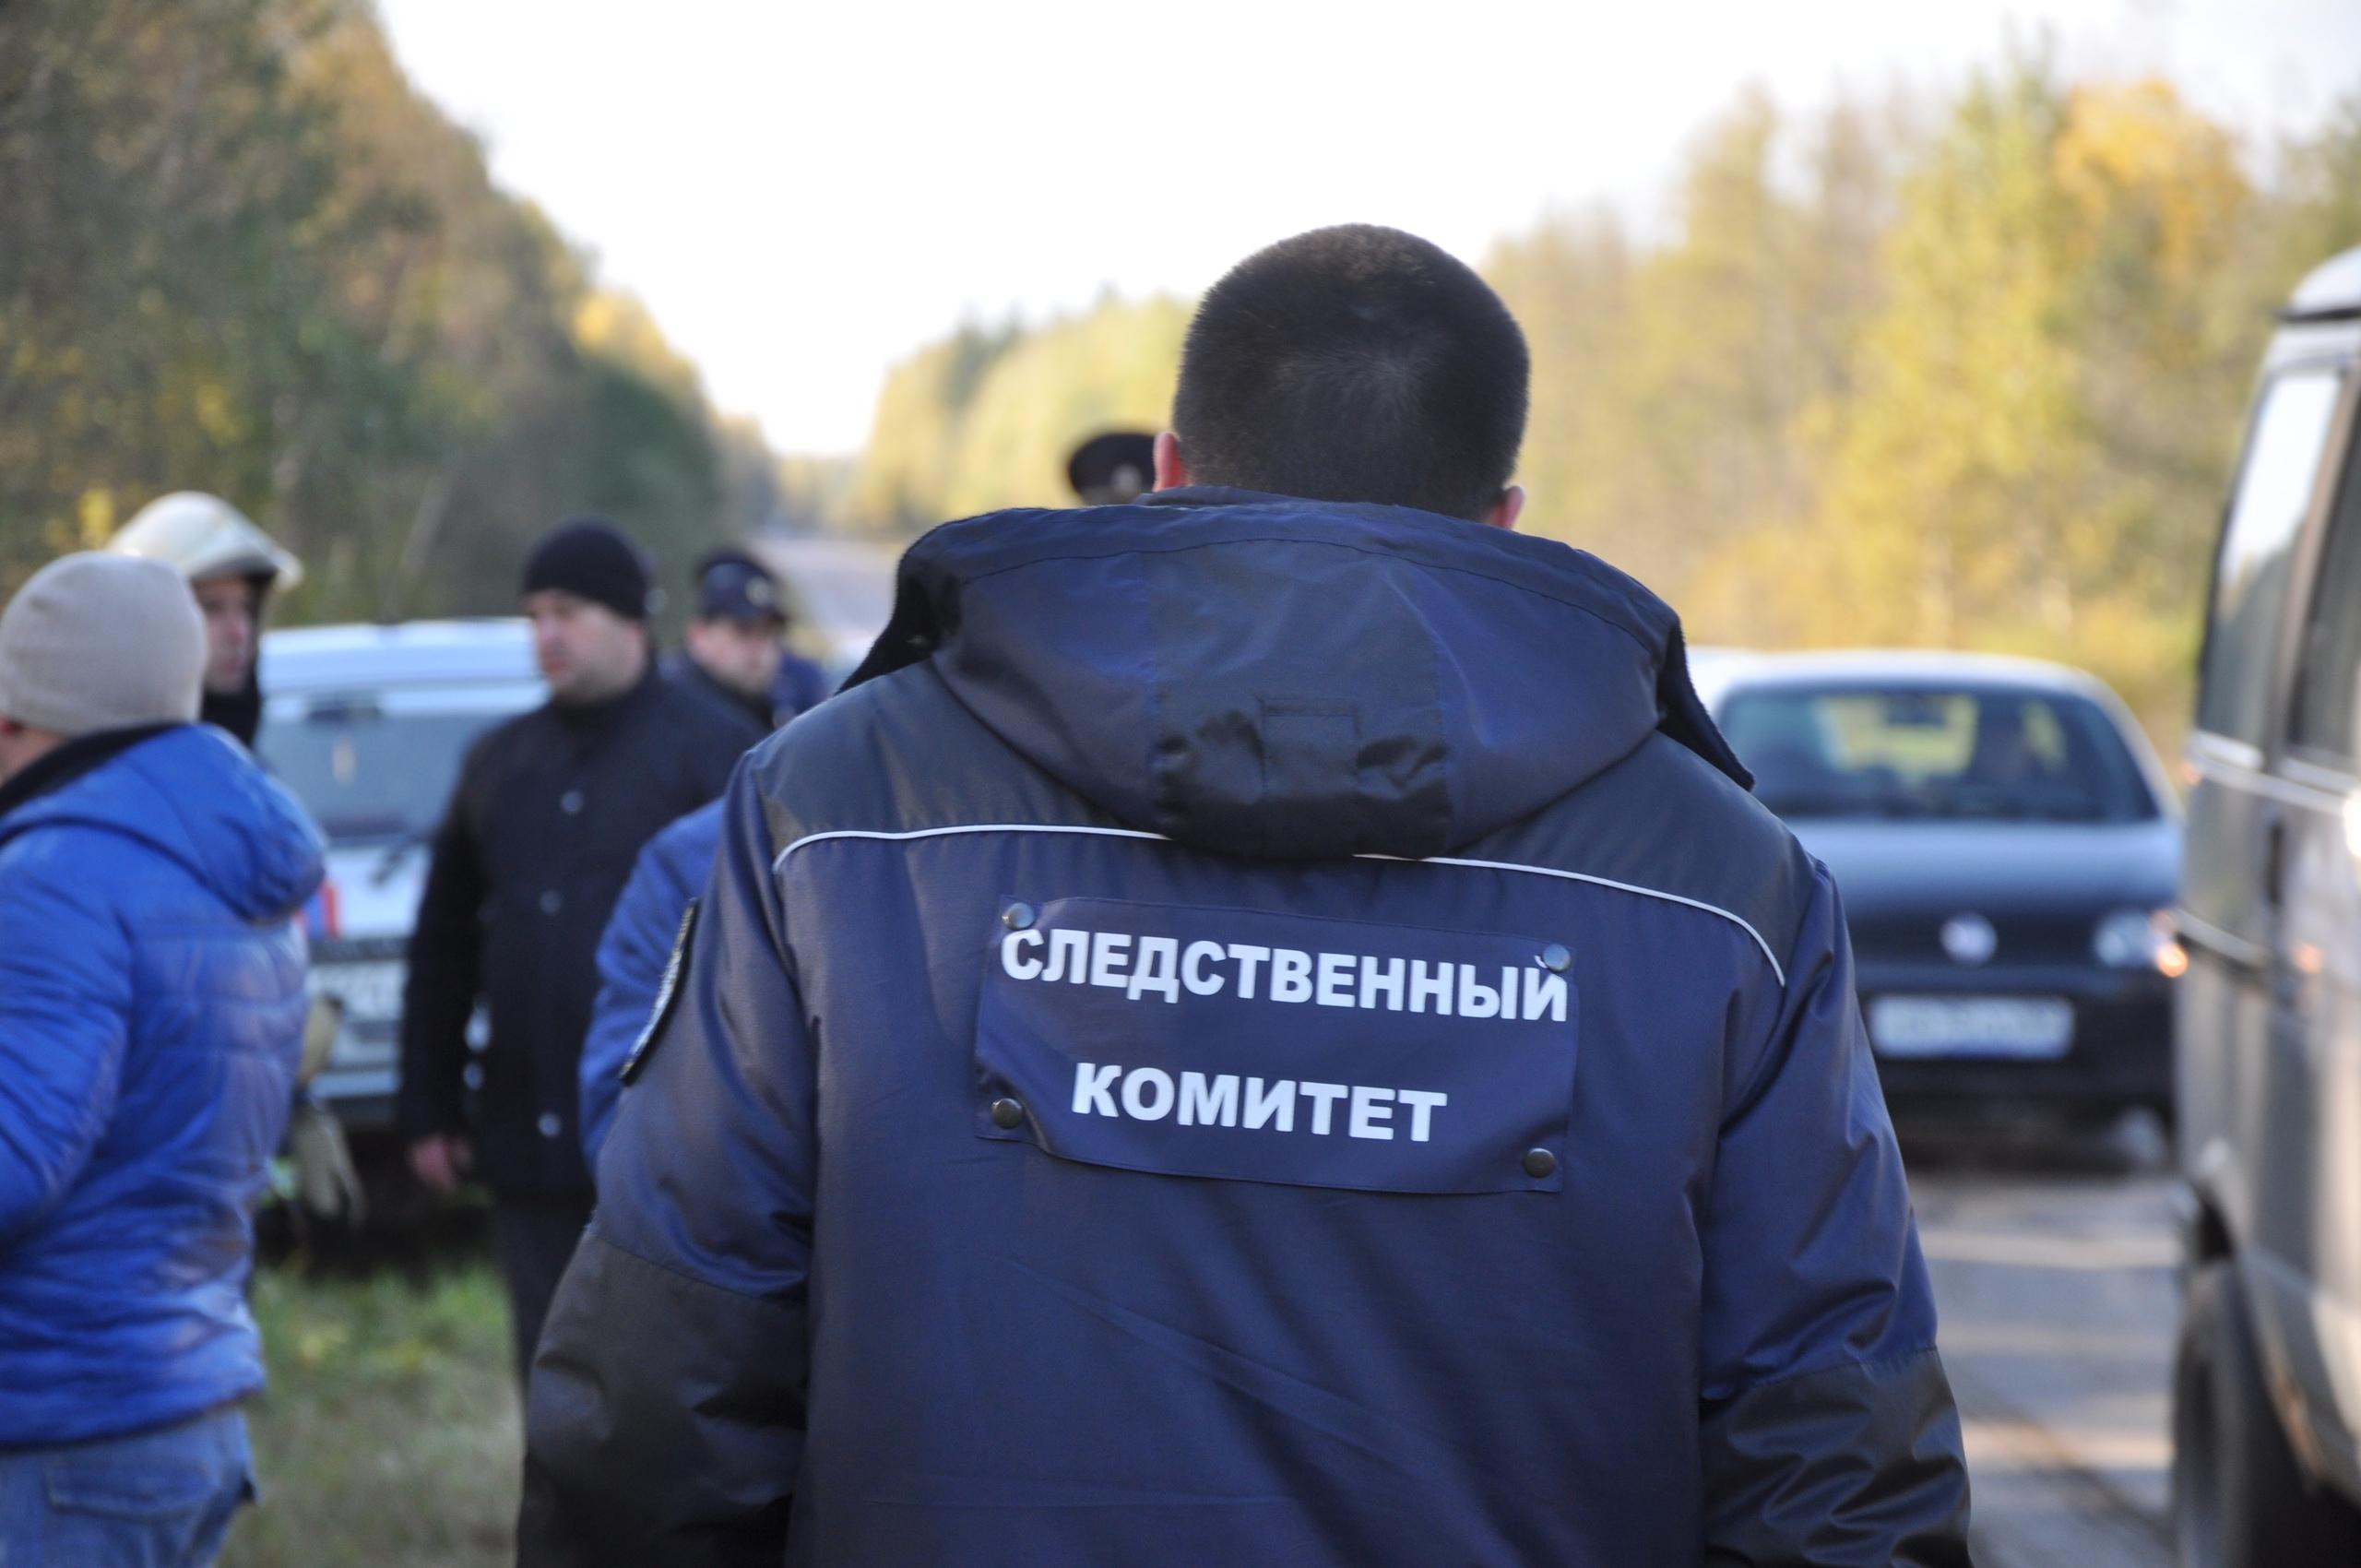 В Тверской области женщина задушила свою соседку куском лески - новости Афанасий